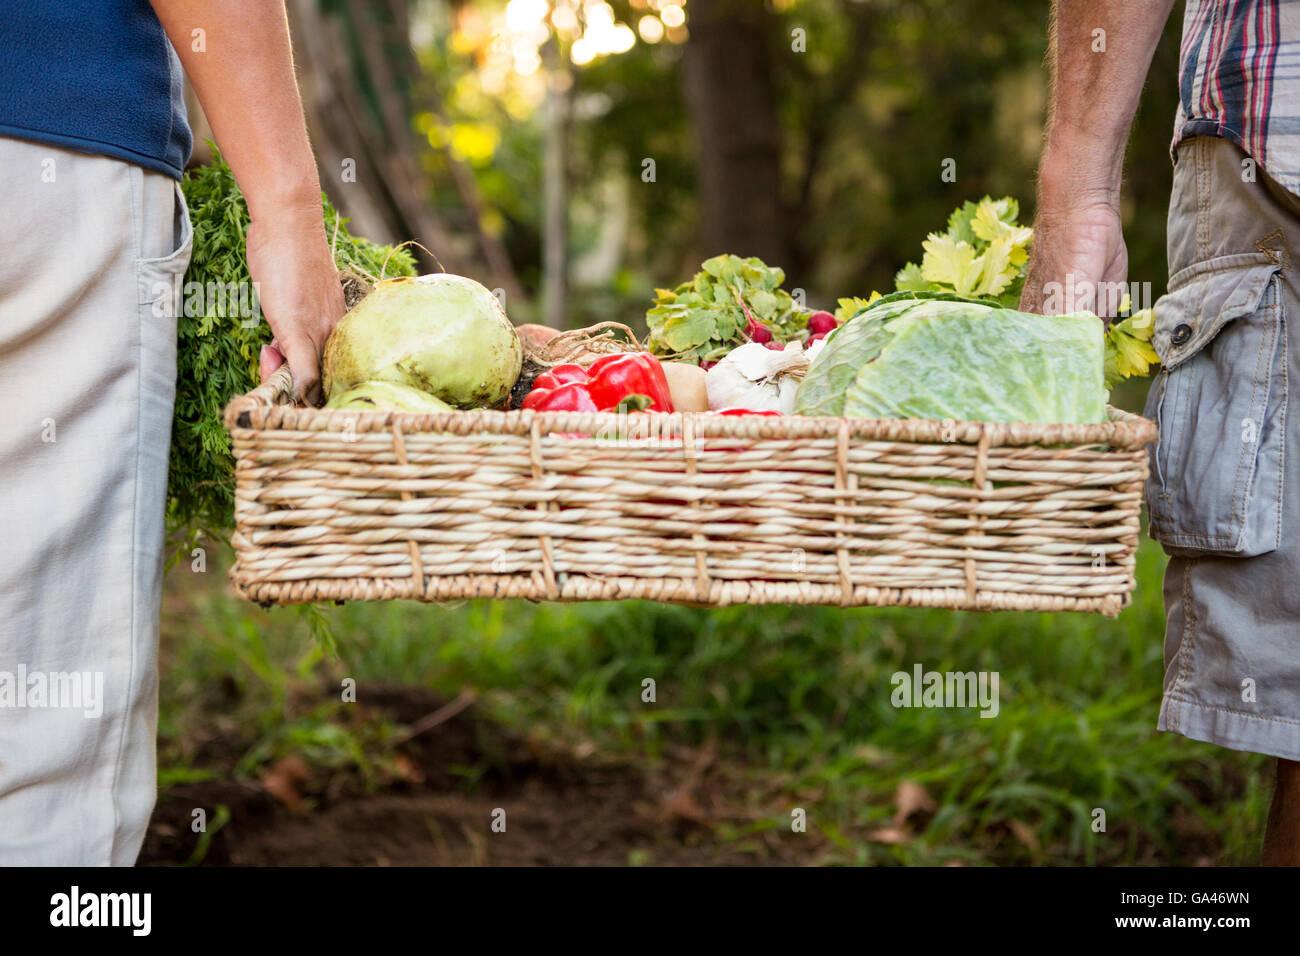 Mittelteil der Kollege mit Gemüse-Kiste im Garten Stockbild